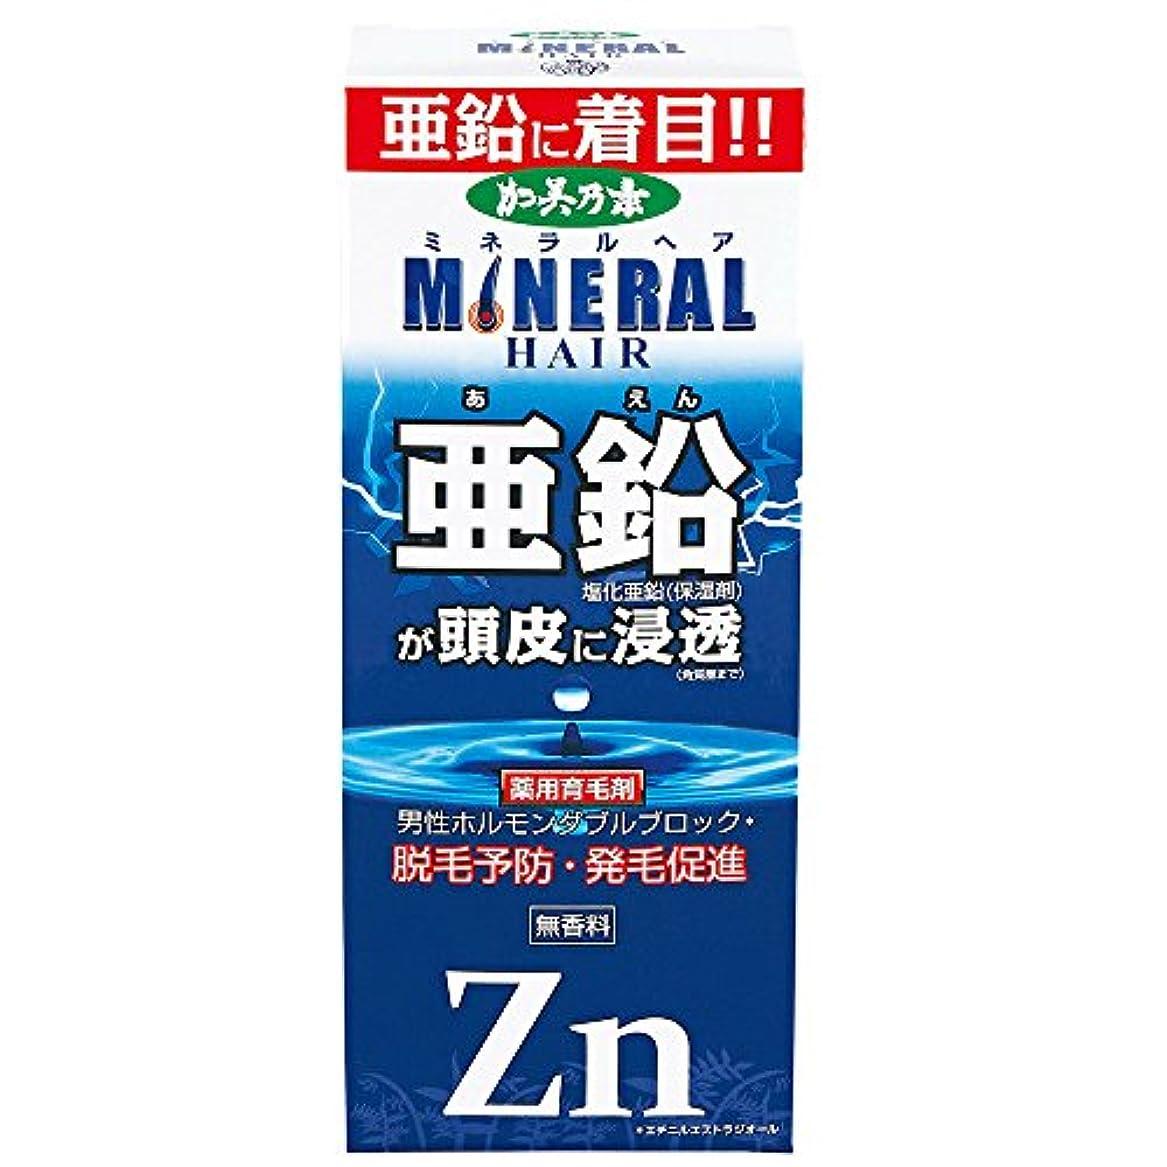 裕福な鯨予報薬用加美乃素 ミネラルヘア 育毛剤 180mL (医薬部外品)